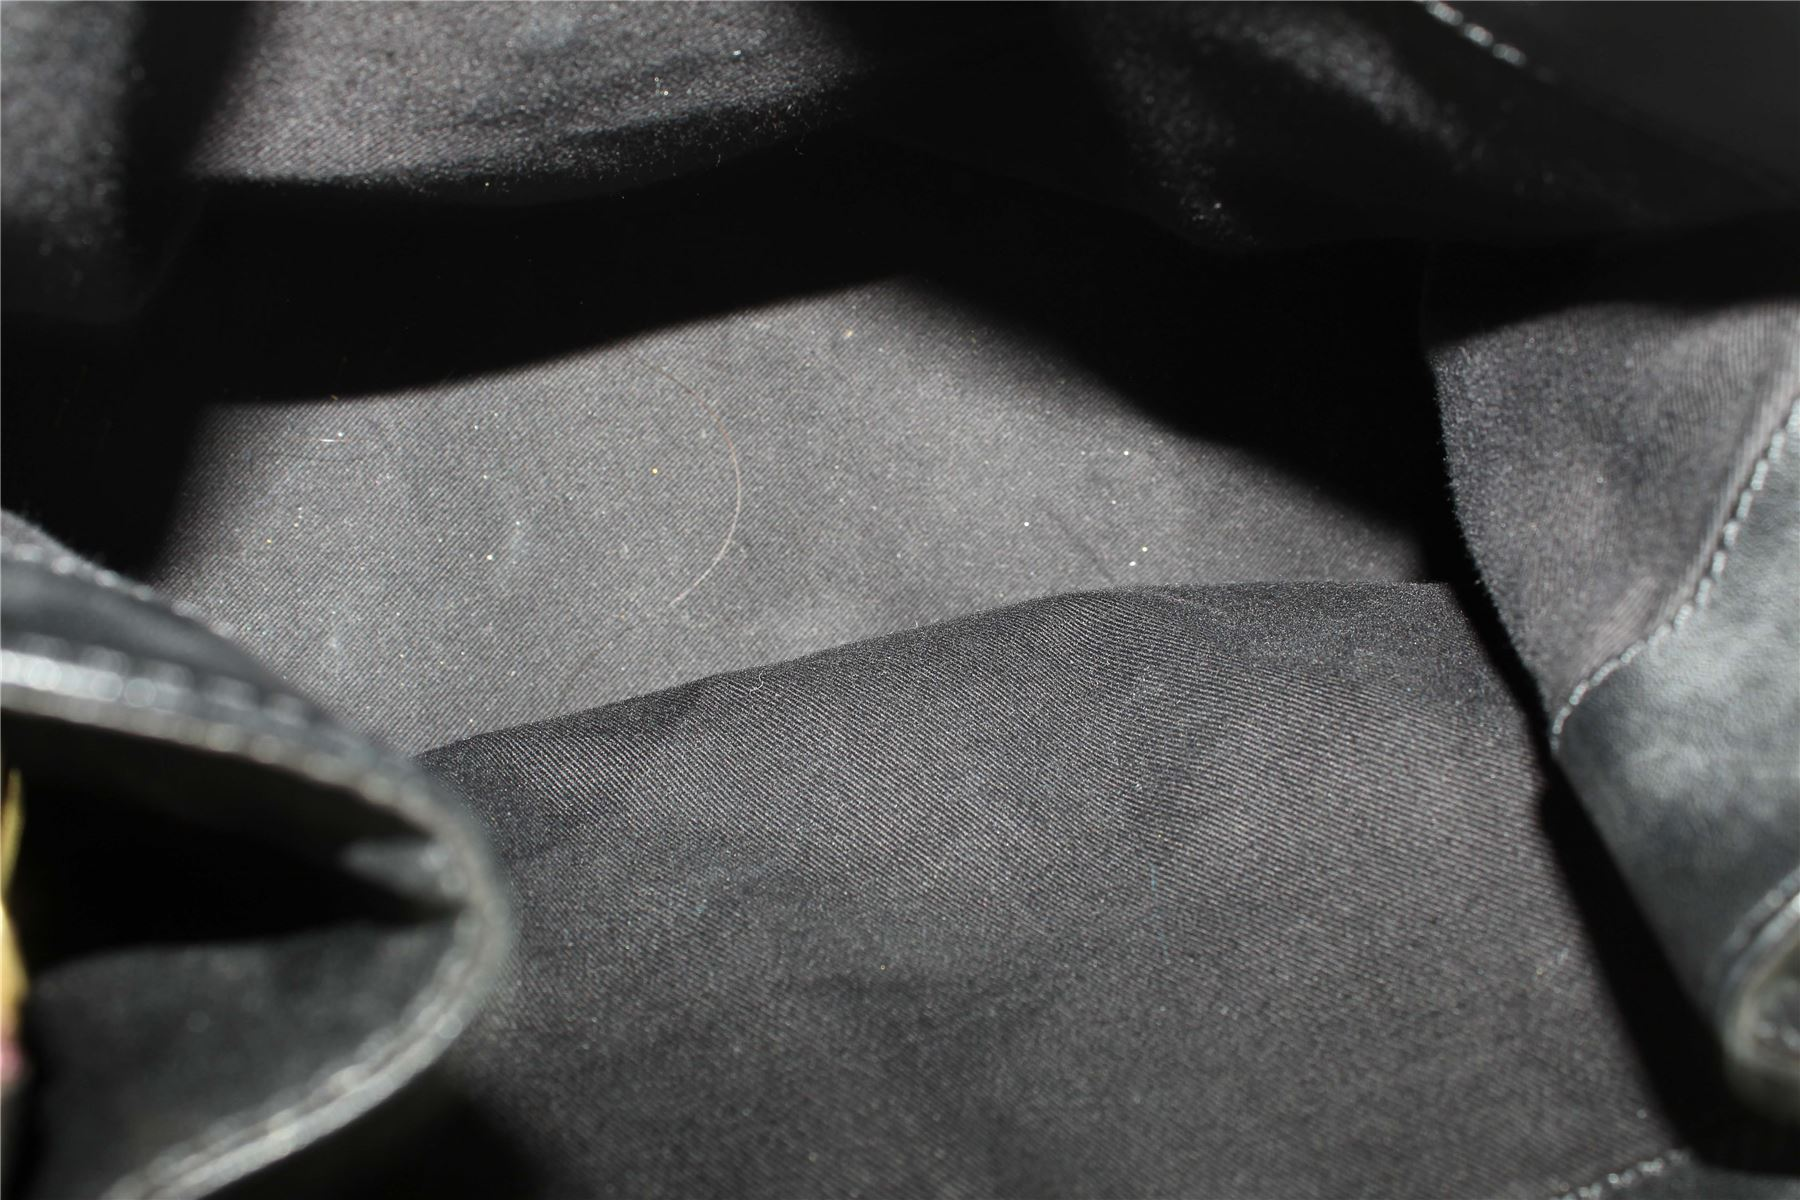 CHLOÉ Borsa a tracolla in pelle viola da58be4cb1c